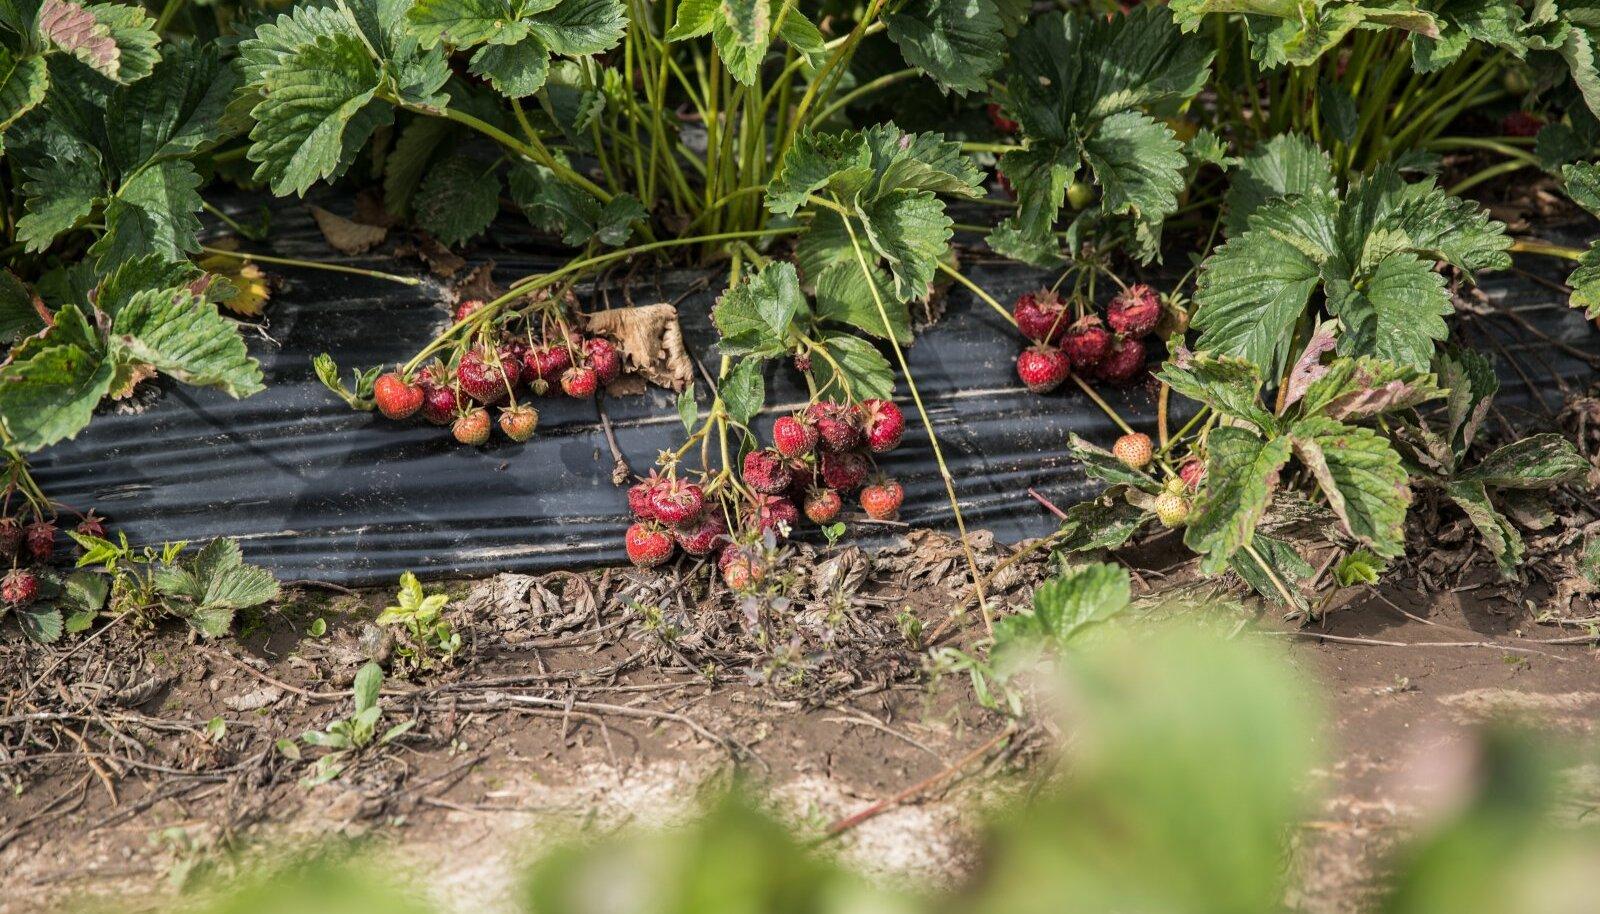 Läinud aasta suvel kohtas sellist maasikapõllu pilti sageli.